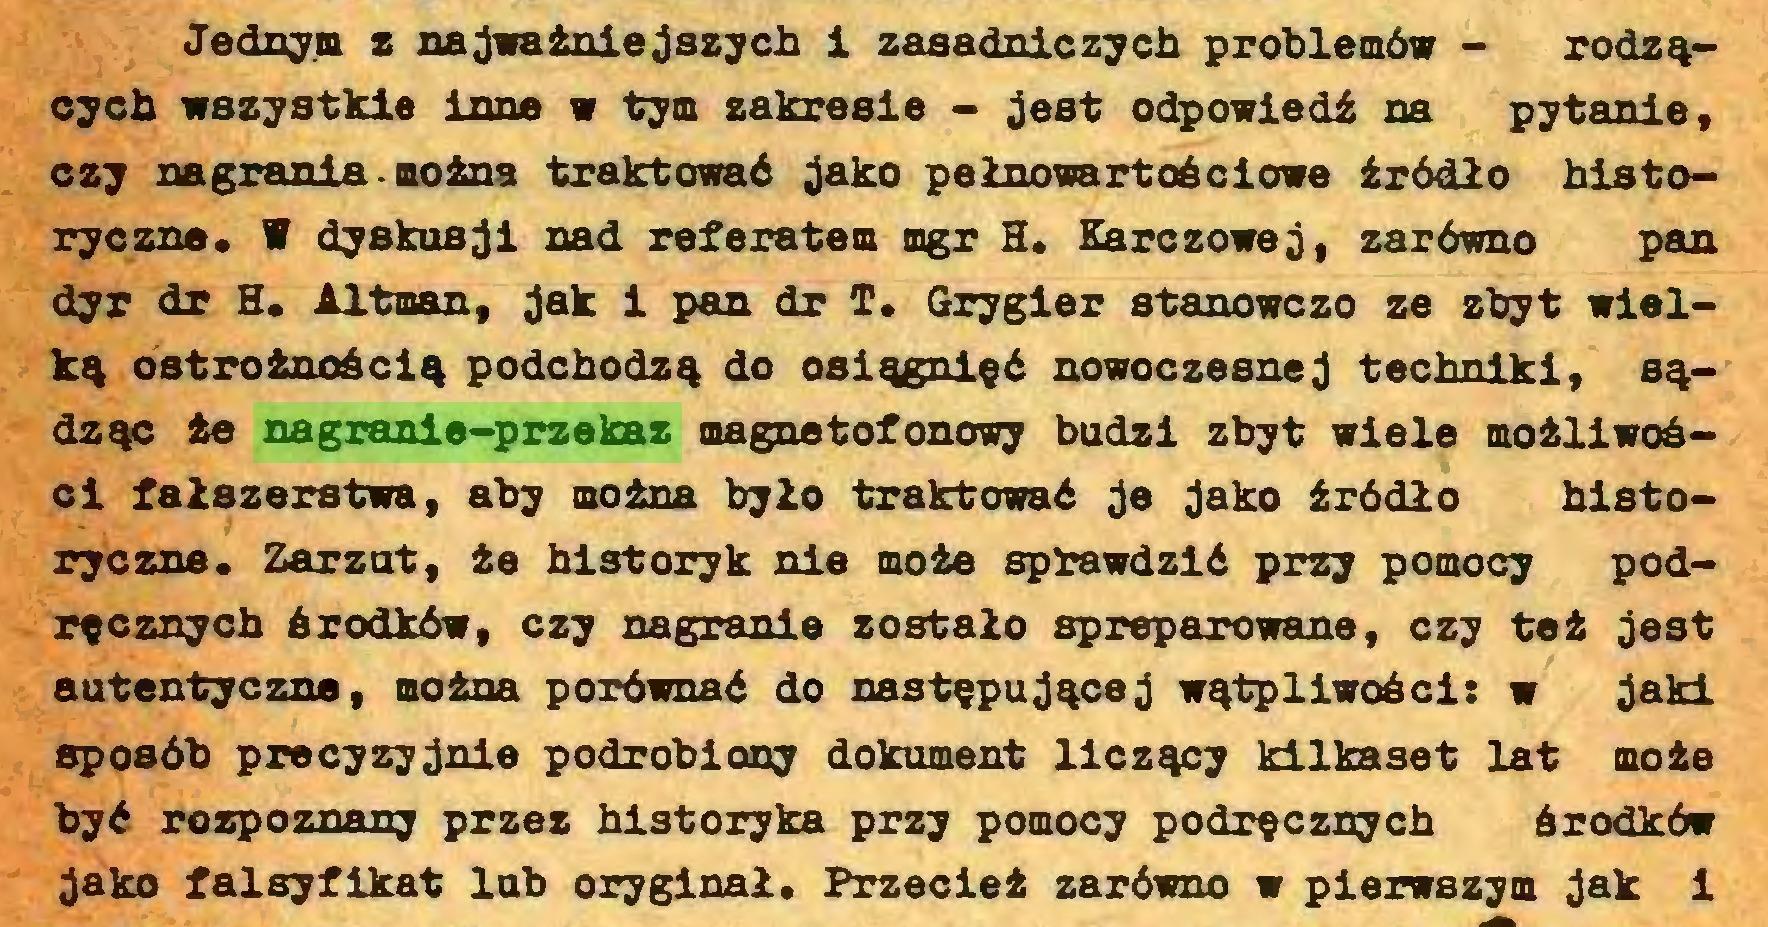 (...) Jednym z najważniejszych i zasadniczych problemów - rodzących wszystkie inne w tym zakresie - jest odpowiedź na pytanie, czy nagrania - można traktować jako pełnowartościowe źródło historyczne. V dyskusji nad referatem mgr H. Karczowej, zarówno pan dyr dr H. Altman, jak i pan dr T. Grygier stanowczo ze zbyt wielką ostrożnością podchodzą do osiągnięć nowoczesnej techniki, sądząc że nagranie-przekaz magnetofonowy budzi zbyt wiele możliwości fałszerstwa, aby można było traktować je jako źródło historyczne. Zarzut, że historyk nie może sprawdzić przy pomocy podręcznych środków, czy nagranie zostało spreparowane, czy też jest autentyczne, można porównać do następującej wątpliwości: w jaki sposób precyzyjnie podrobiony dokument liczący kilkaset lat może być rozpoznany przez historyka przy pomocy podręcznych środków jako falsyfikat lub oryginał. Przecież zarówno w pierwszym jak i...